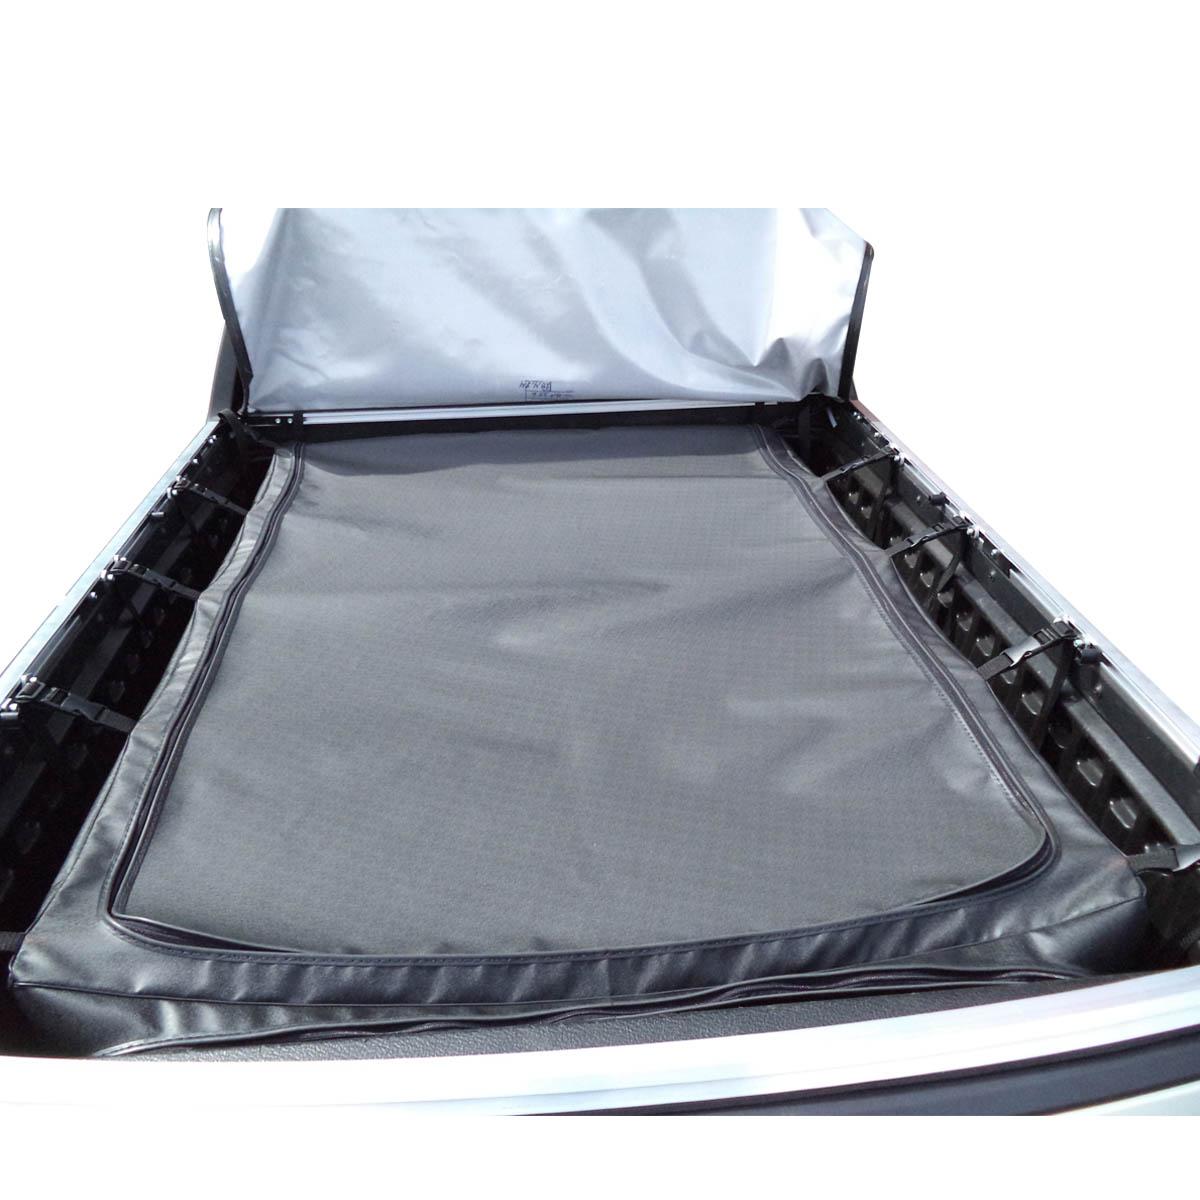 Bolsa caçamba estendida horizontal Nova S10 cabine simples 2012 a 2017